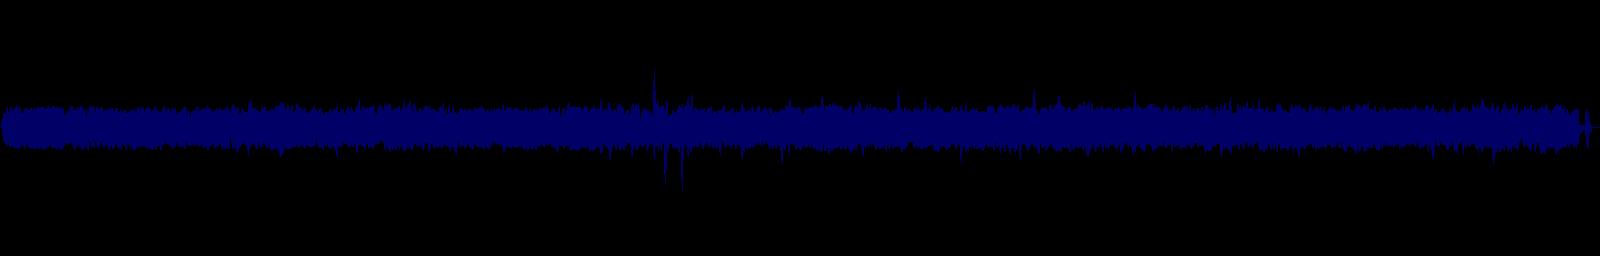 waveform of track #152689